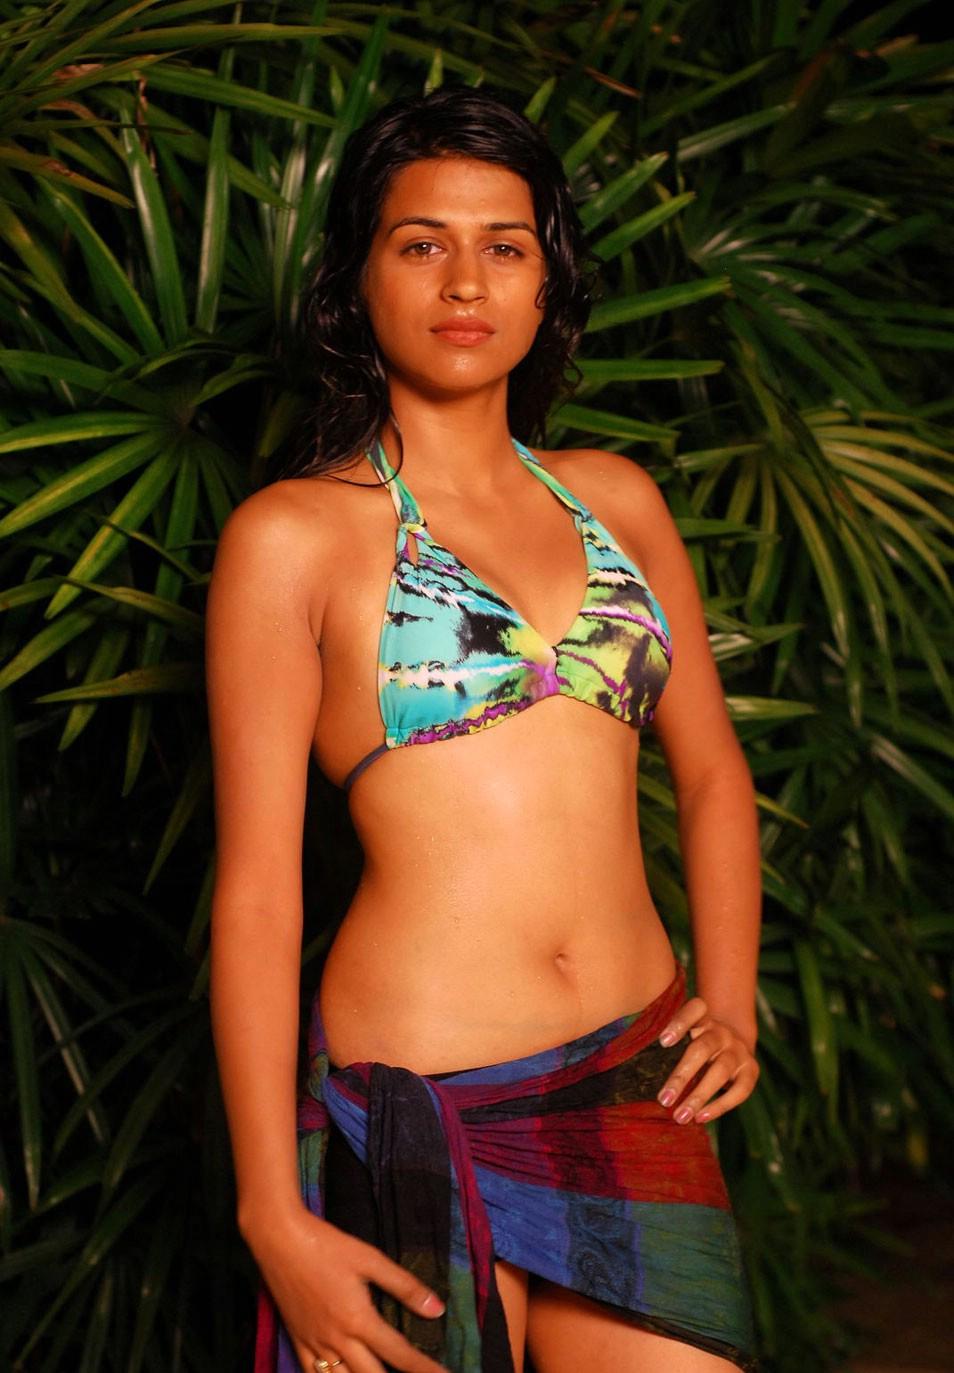 Bikini Iga Wyrwal nude photos 2019